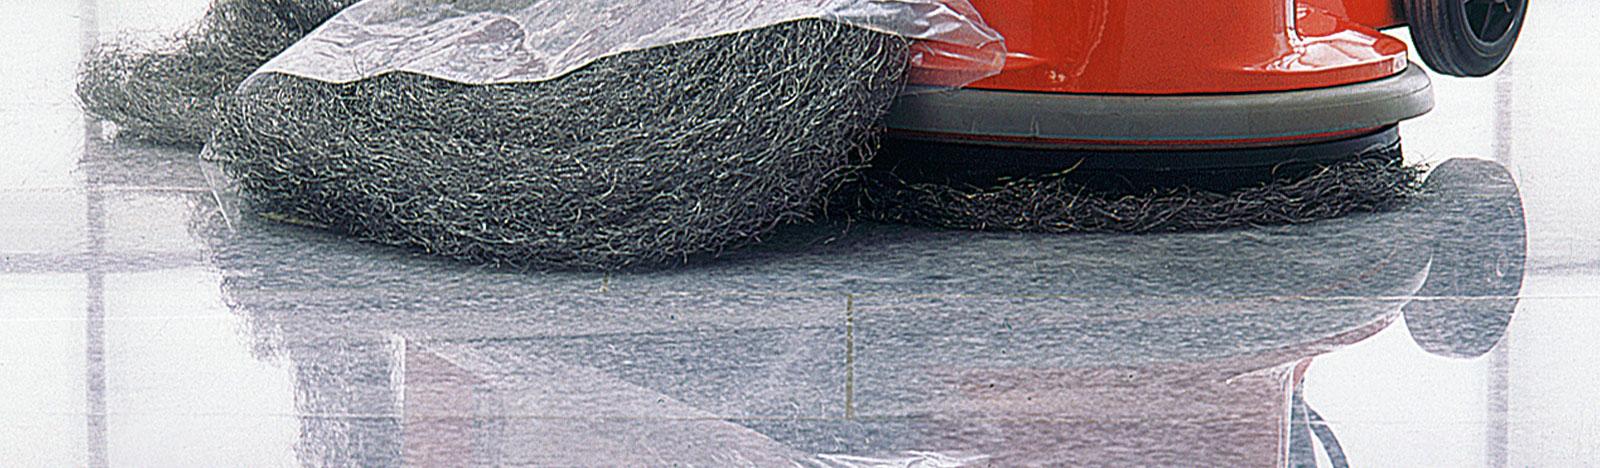 Geschliffene Und Polierte Betonboden Richtig Pflegen Bosus